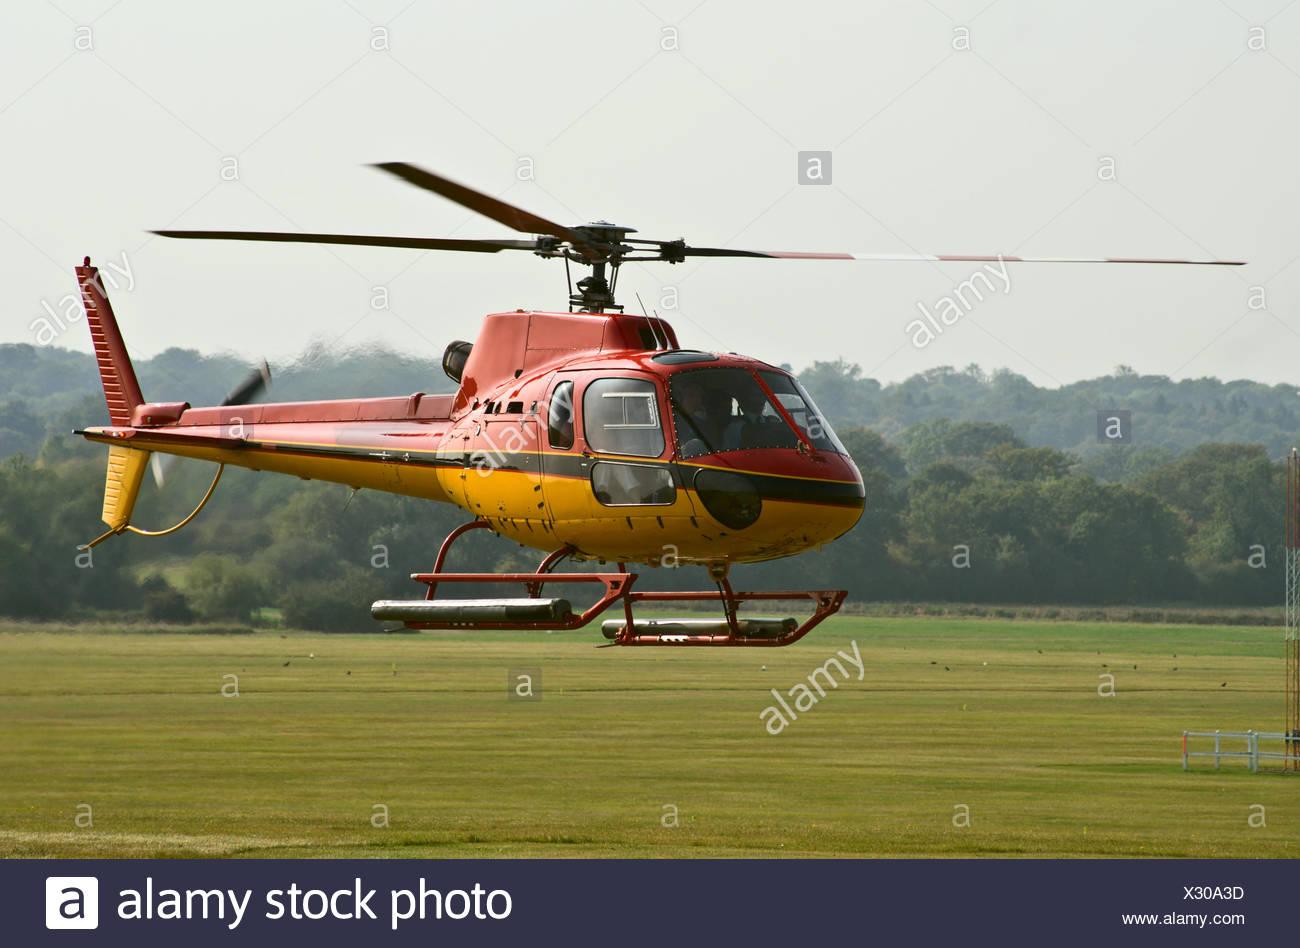 Elicottero 350 : Come.350 elicottero foto & immagine stock: 277217793 alamy